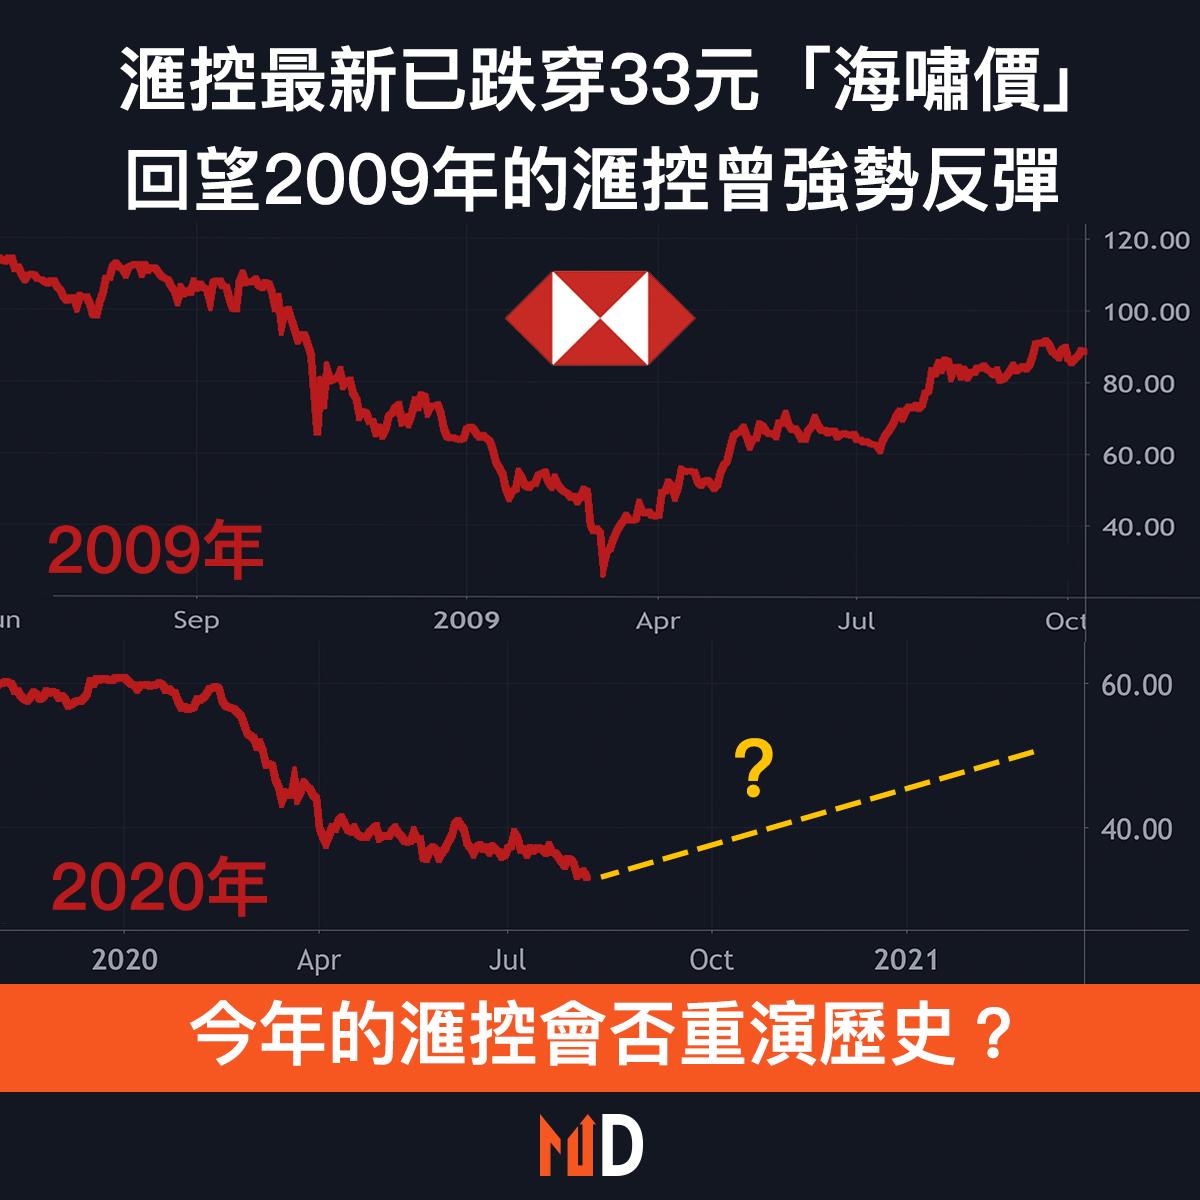 【圖解股市】滙控最新已跌穿33元「海嘯價」,回望2009年的滙控曾強勢反彈